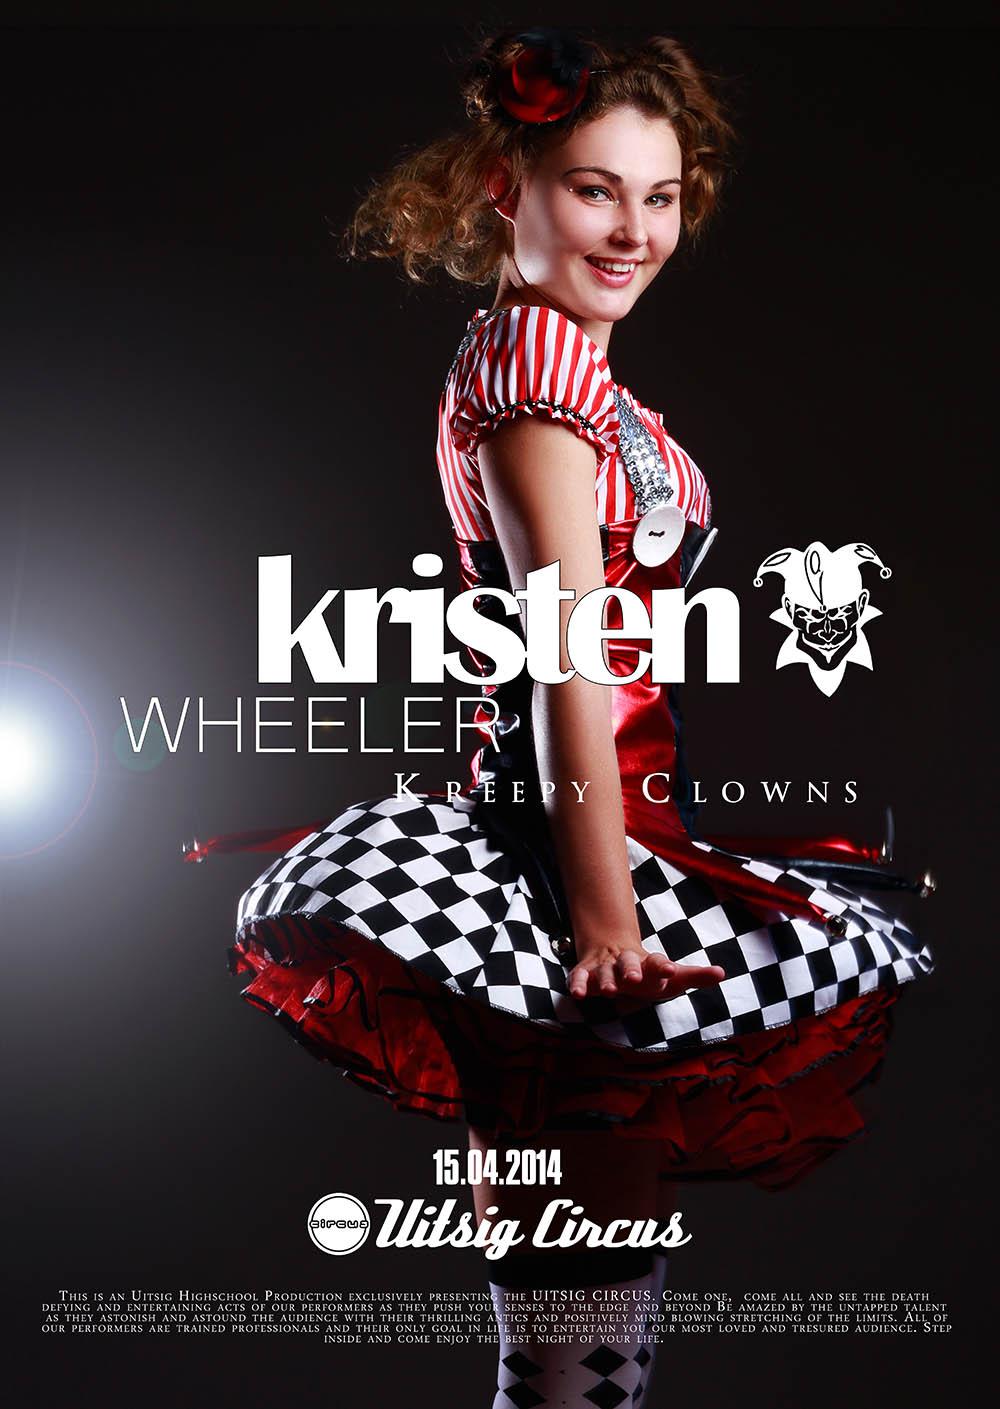 Kristen Wheeler